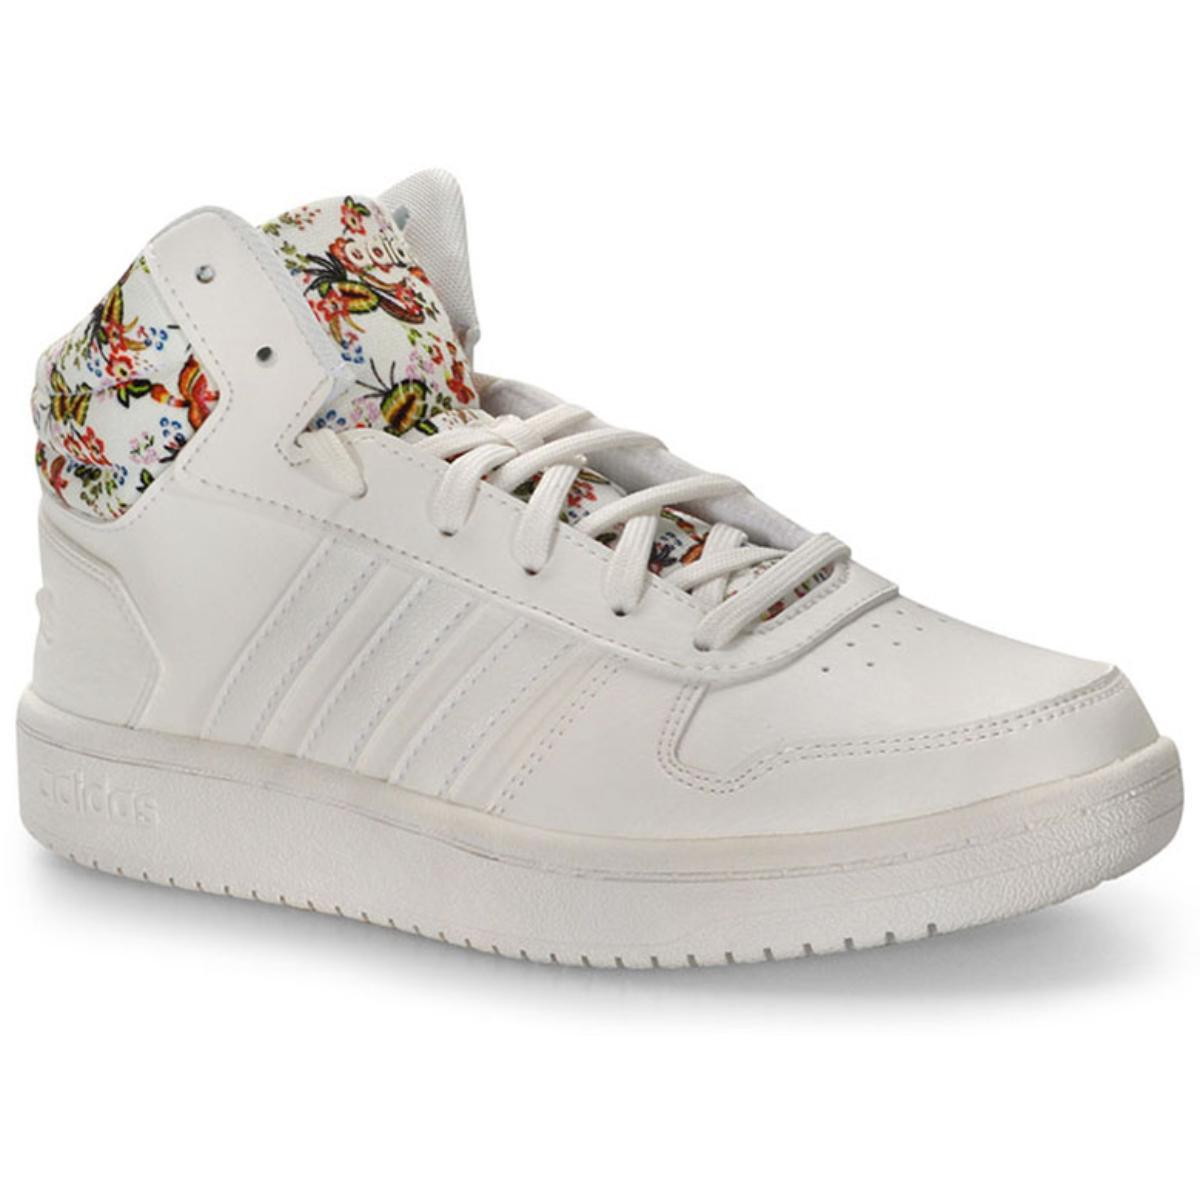 Tênis Feminino Adidas Ef0120 Hoops Farm Mid 20w Branco